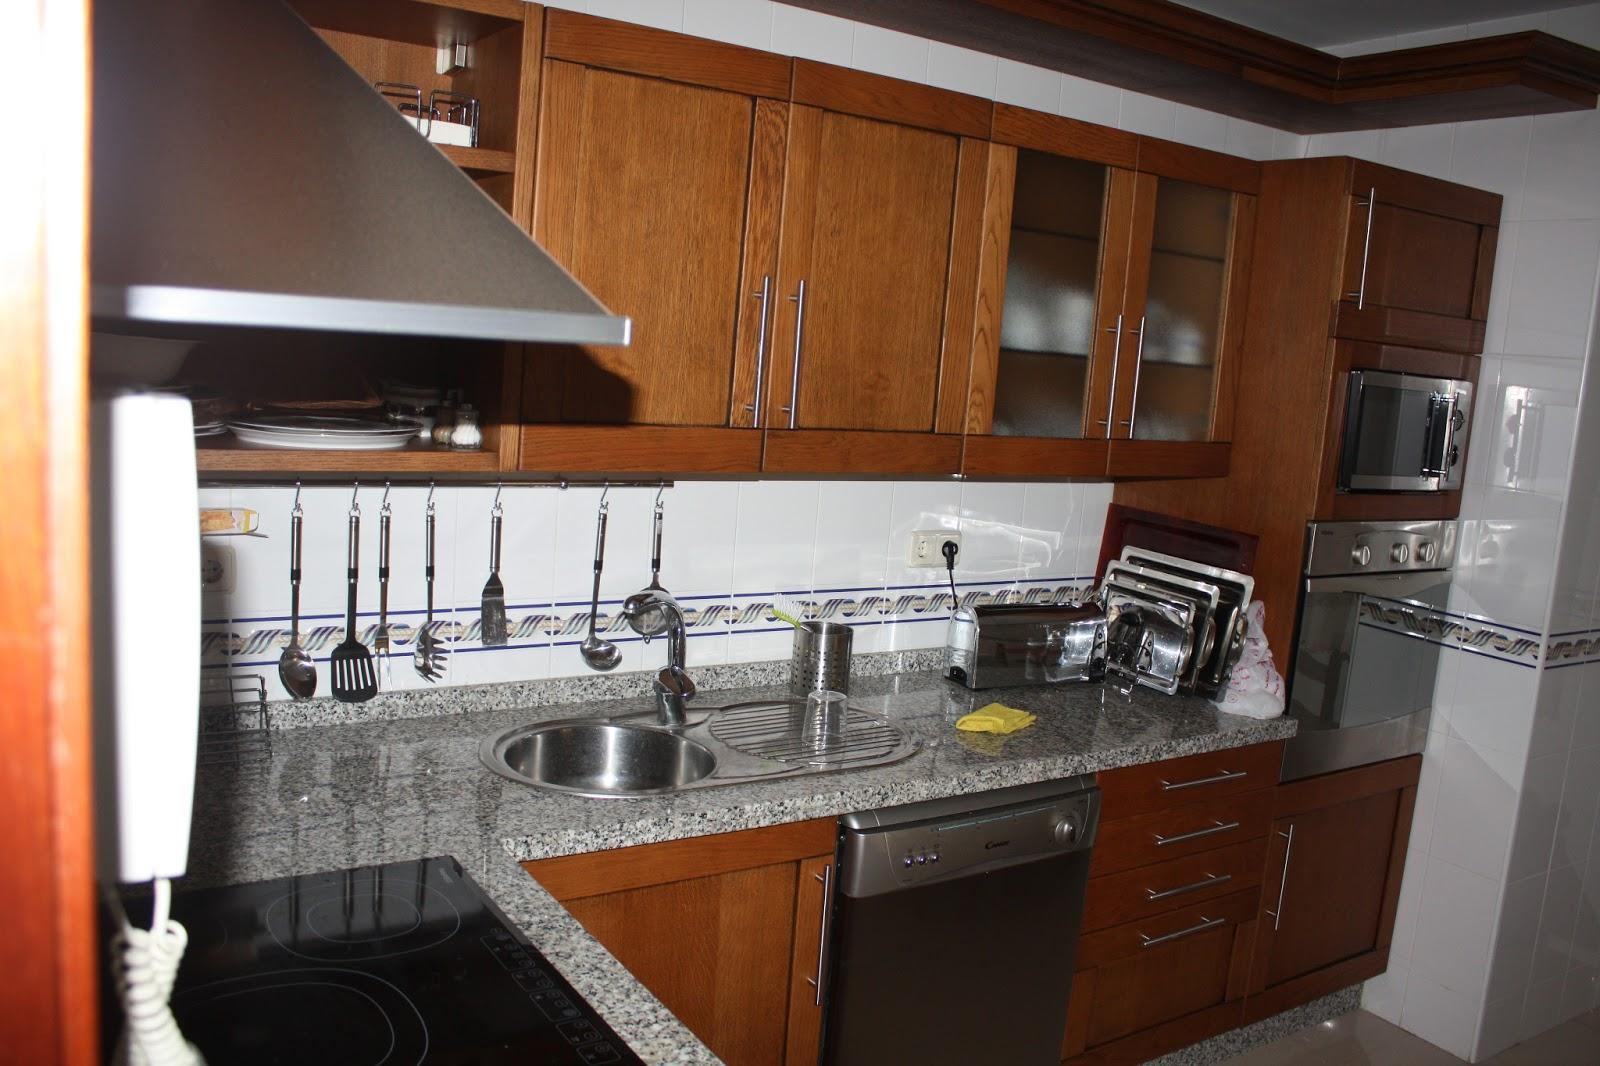 Cocina lavadero y despensa calleiglesia5 for Lavaderos de cocina